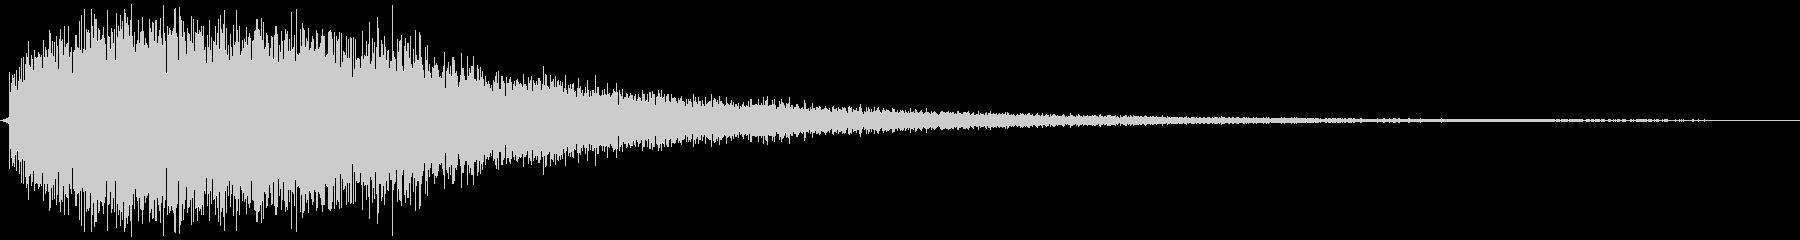 ポワーン!(サウンドロゴ、決定、ゲーム)の未再生の波形